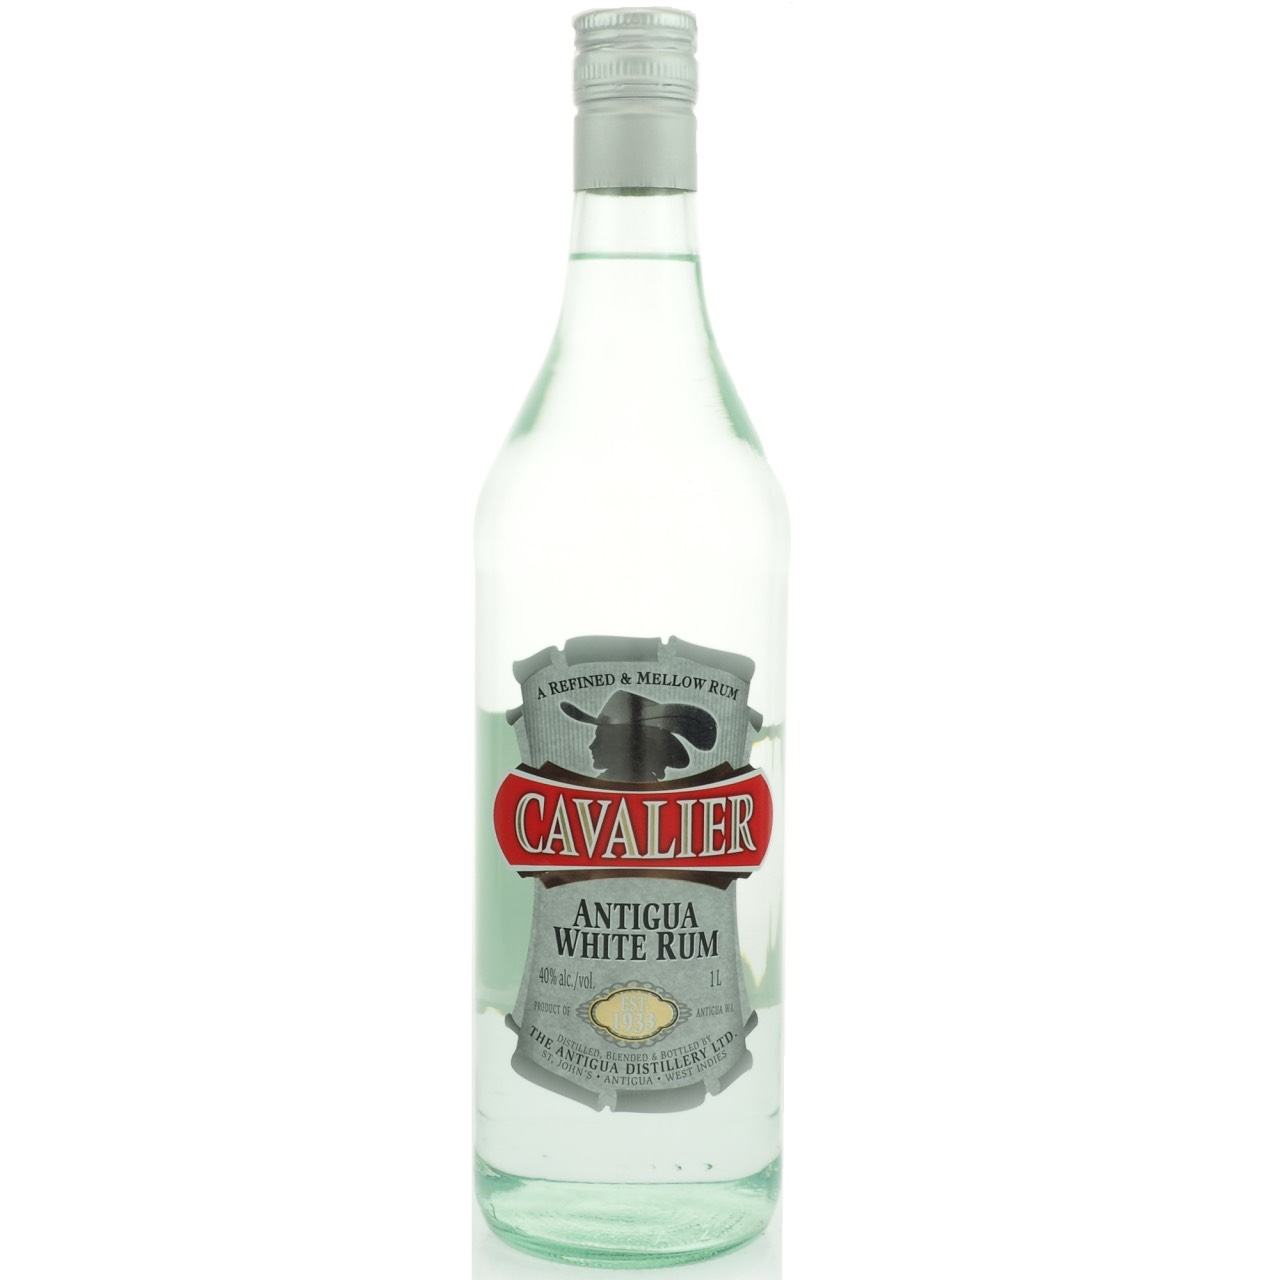 Bottle image of Cavalier White Rum